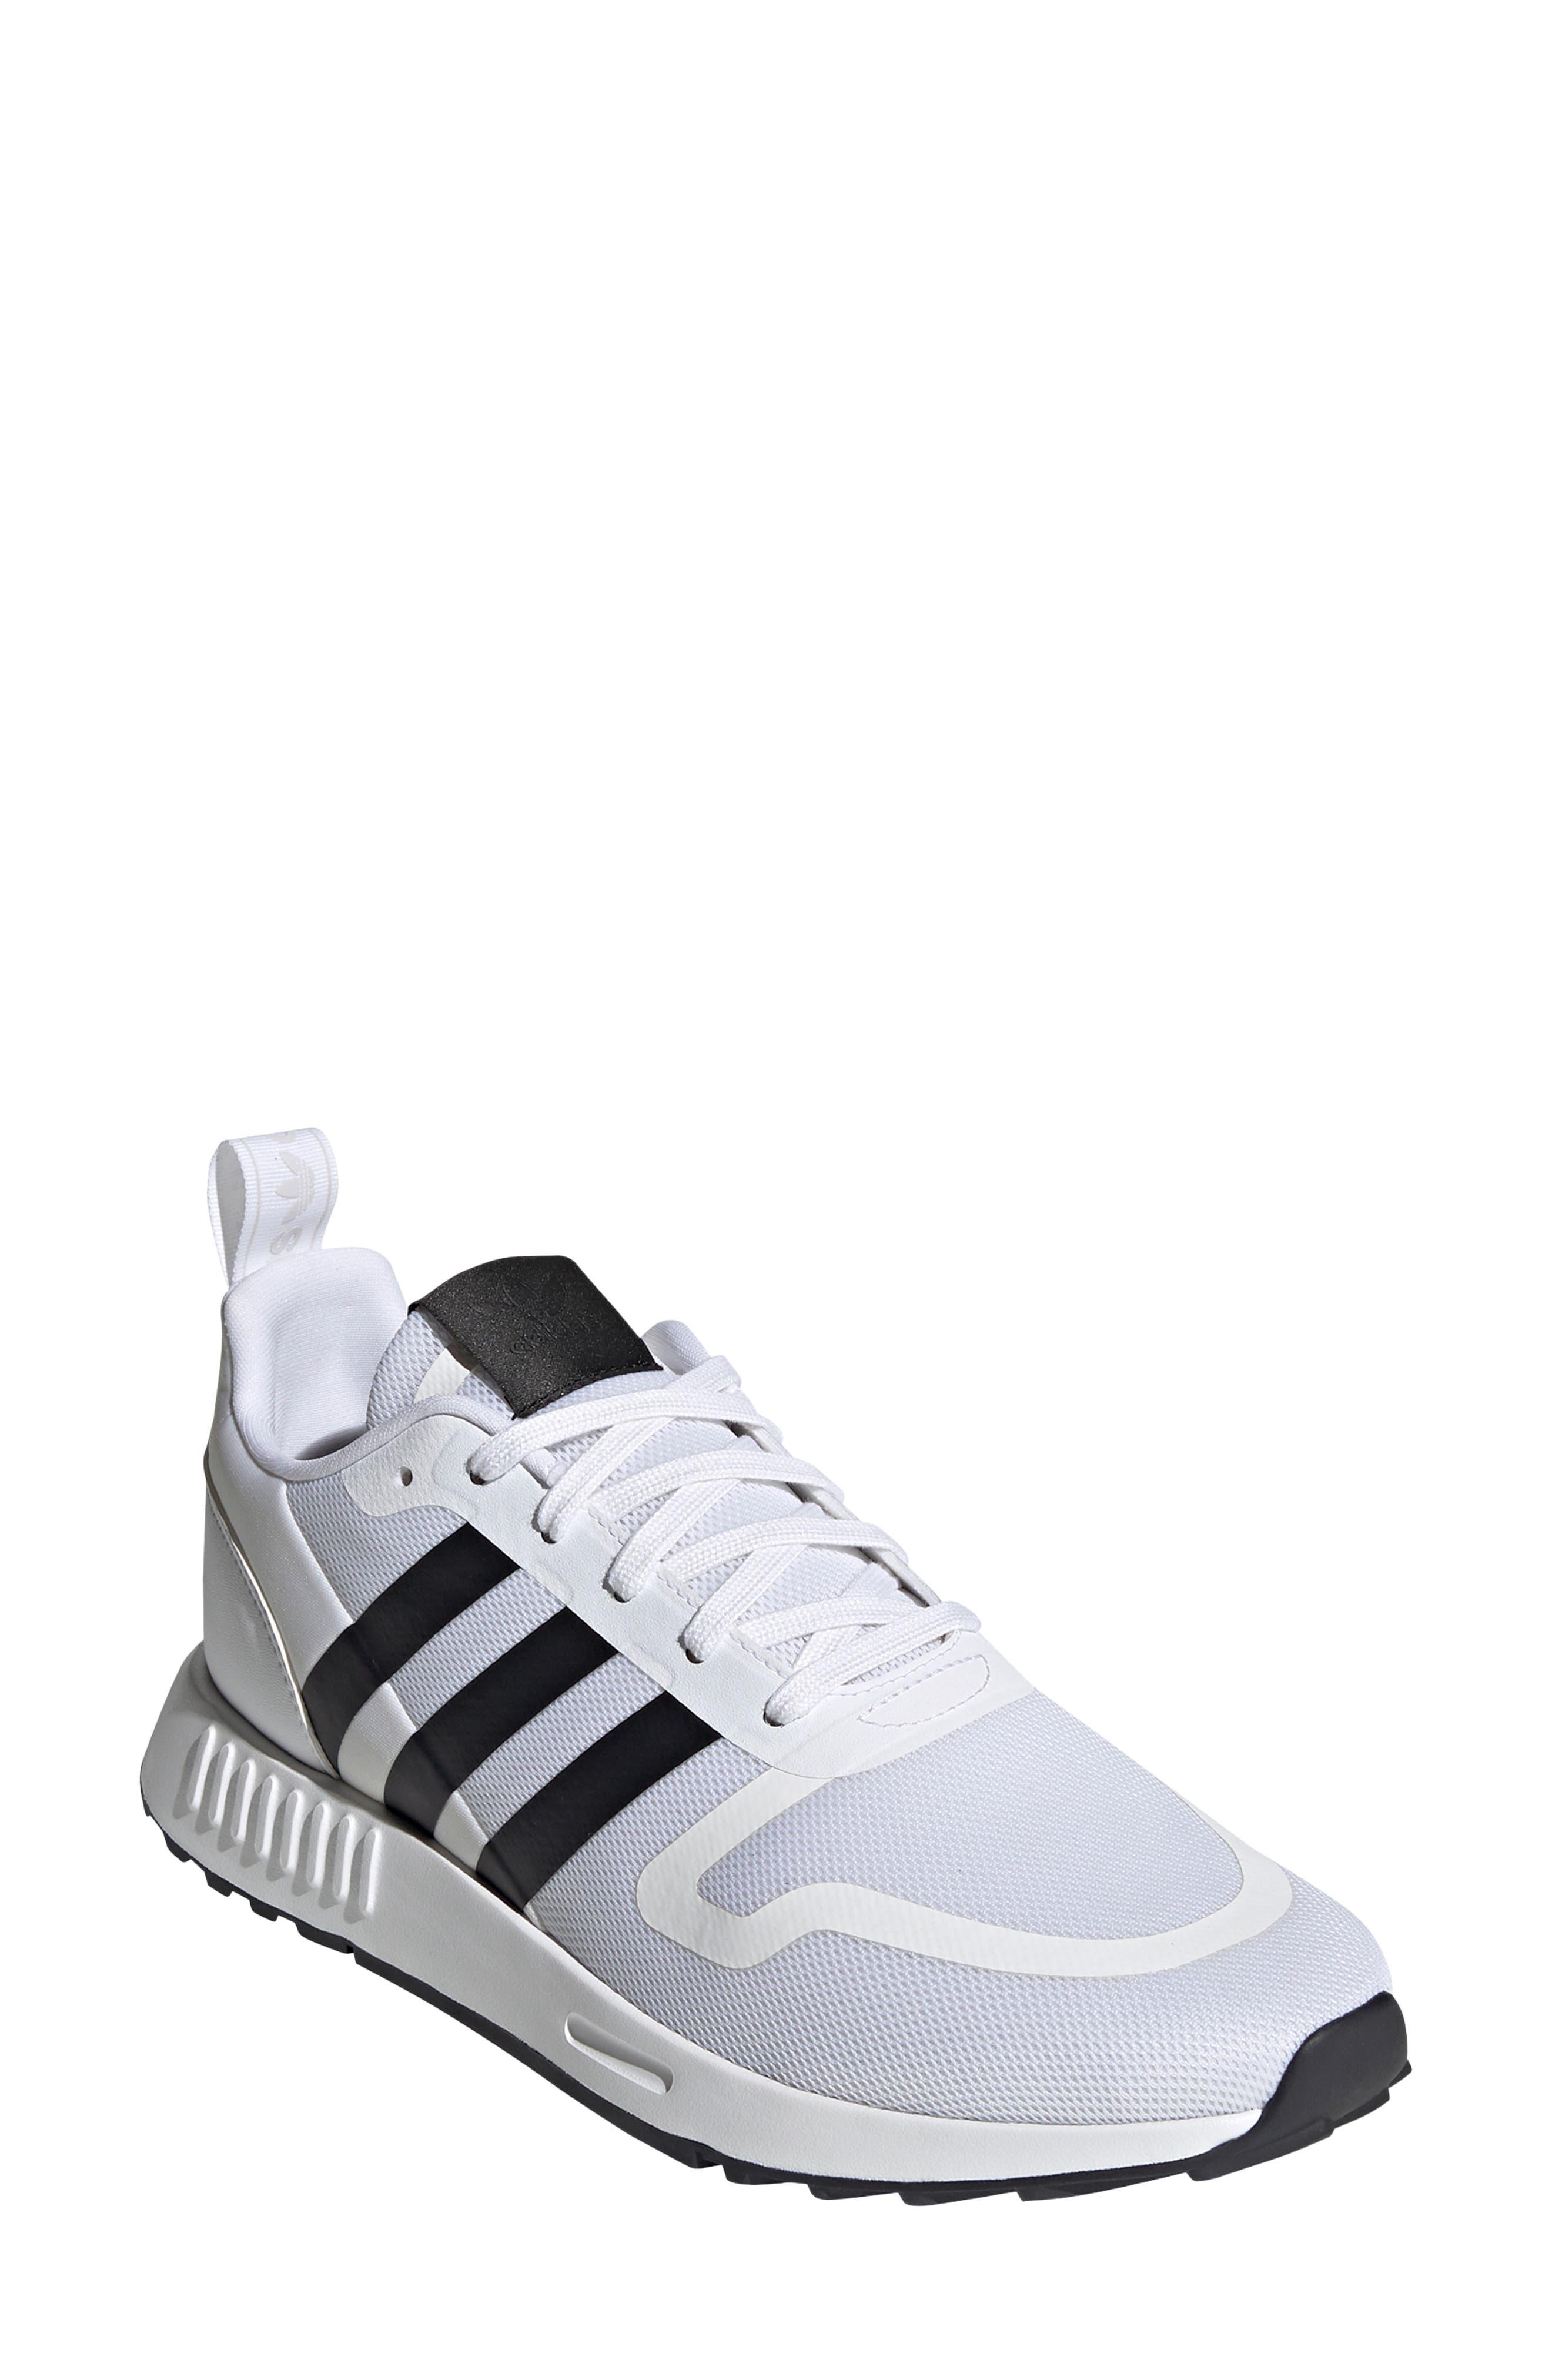 adidas shoes mens black